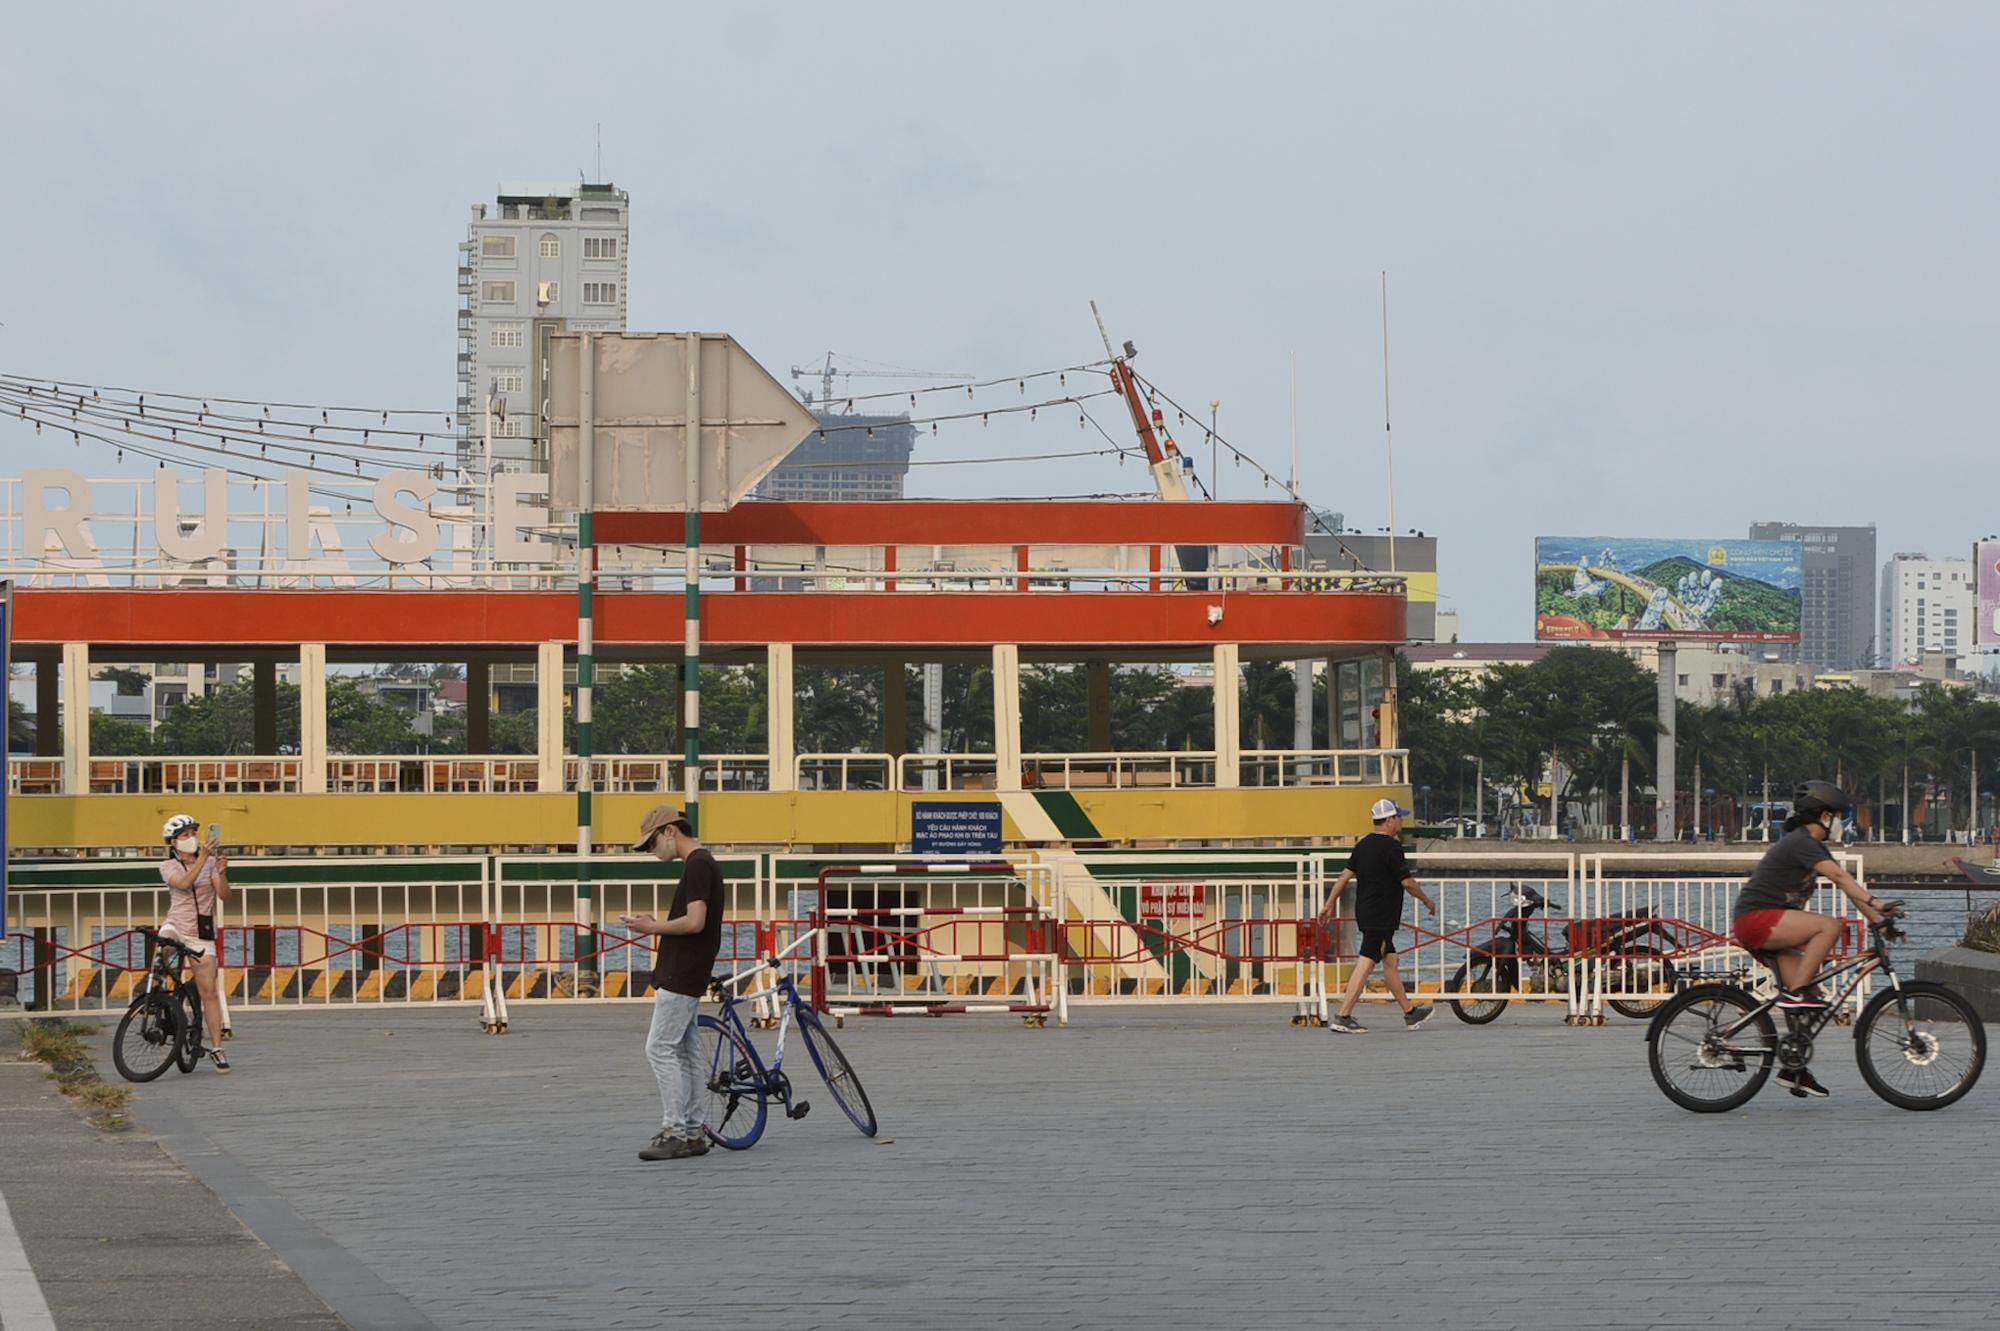 Người Đà Nẵng ra đường đông như không có cách li xã hội - Ảnh 12.